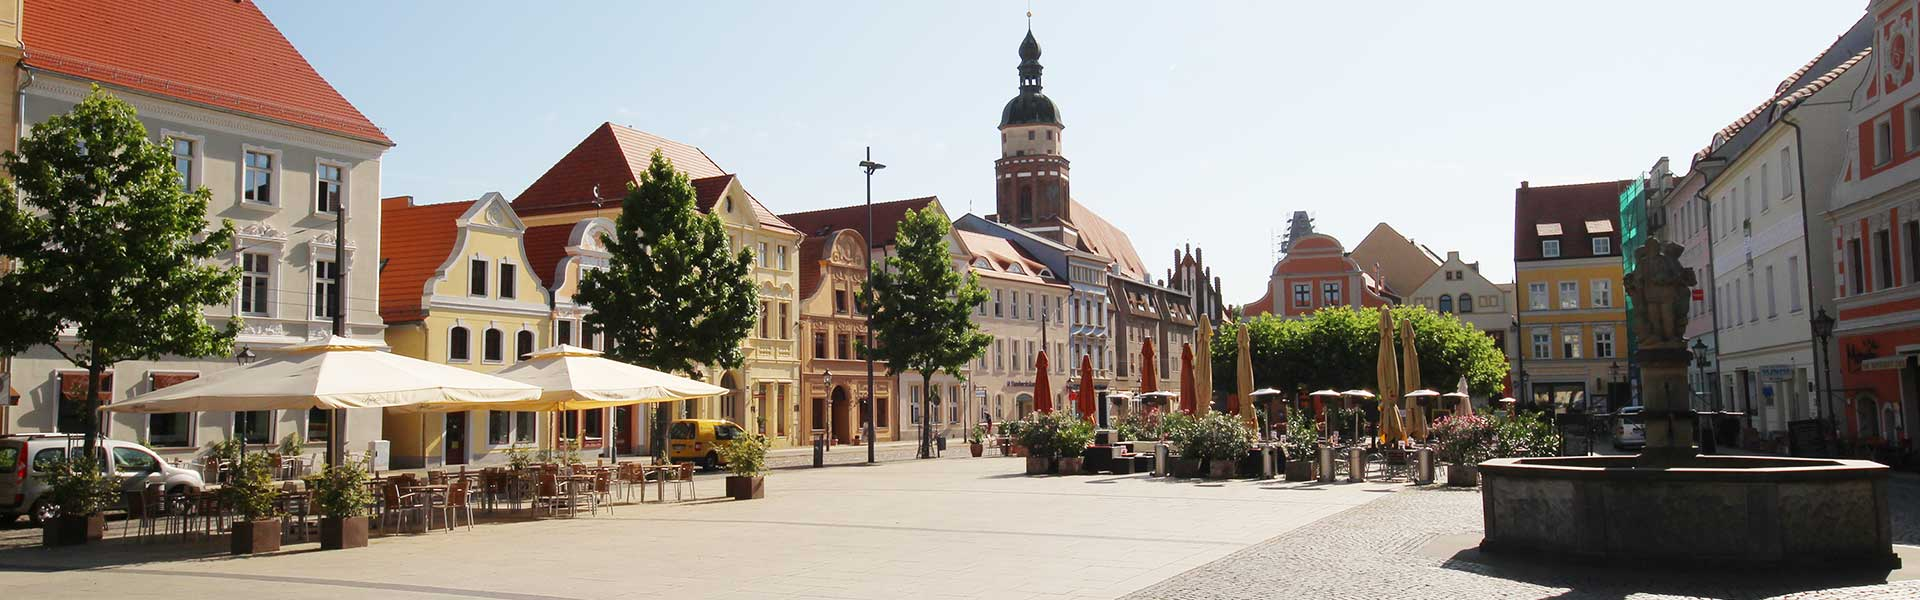 Schiemenz Haus- und Hofbetreuung, Ihre Hausverwaltung in Cottbus und Umgebung, Cottbuser Altmarkt